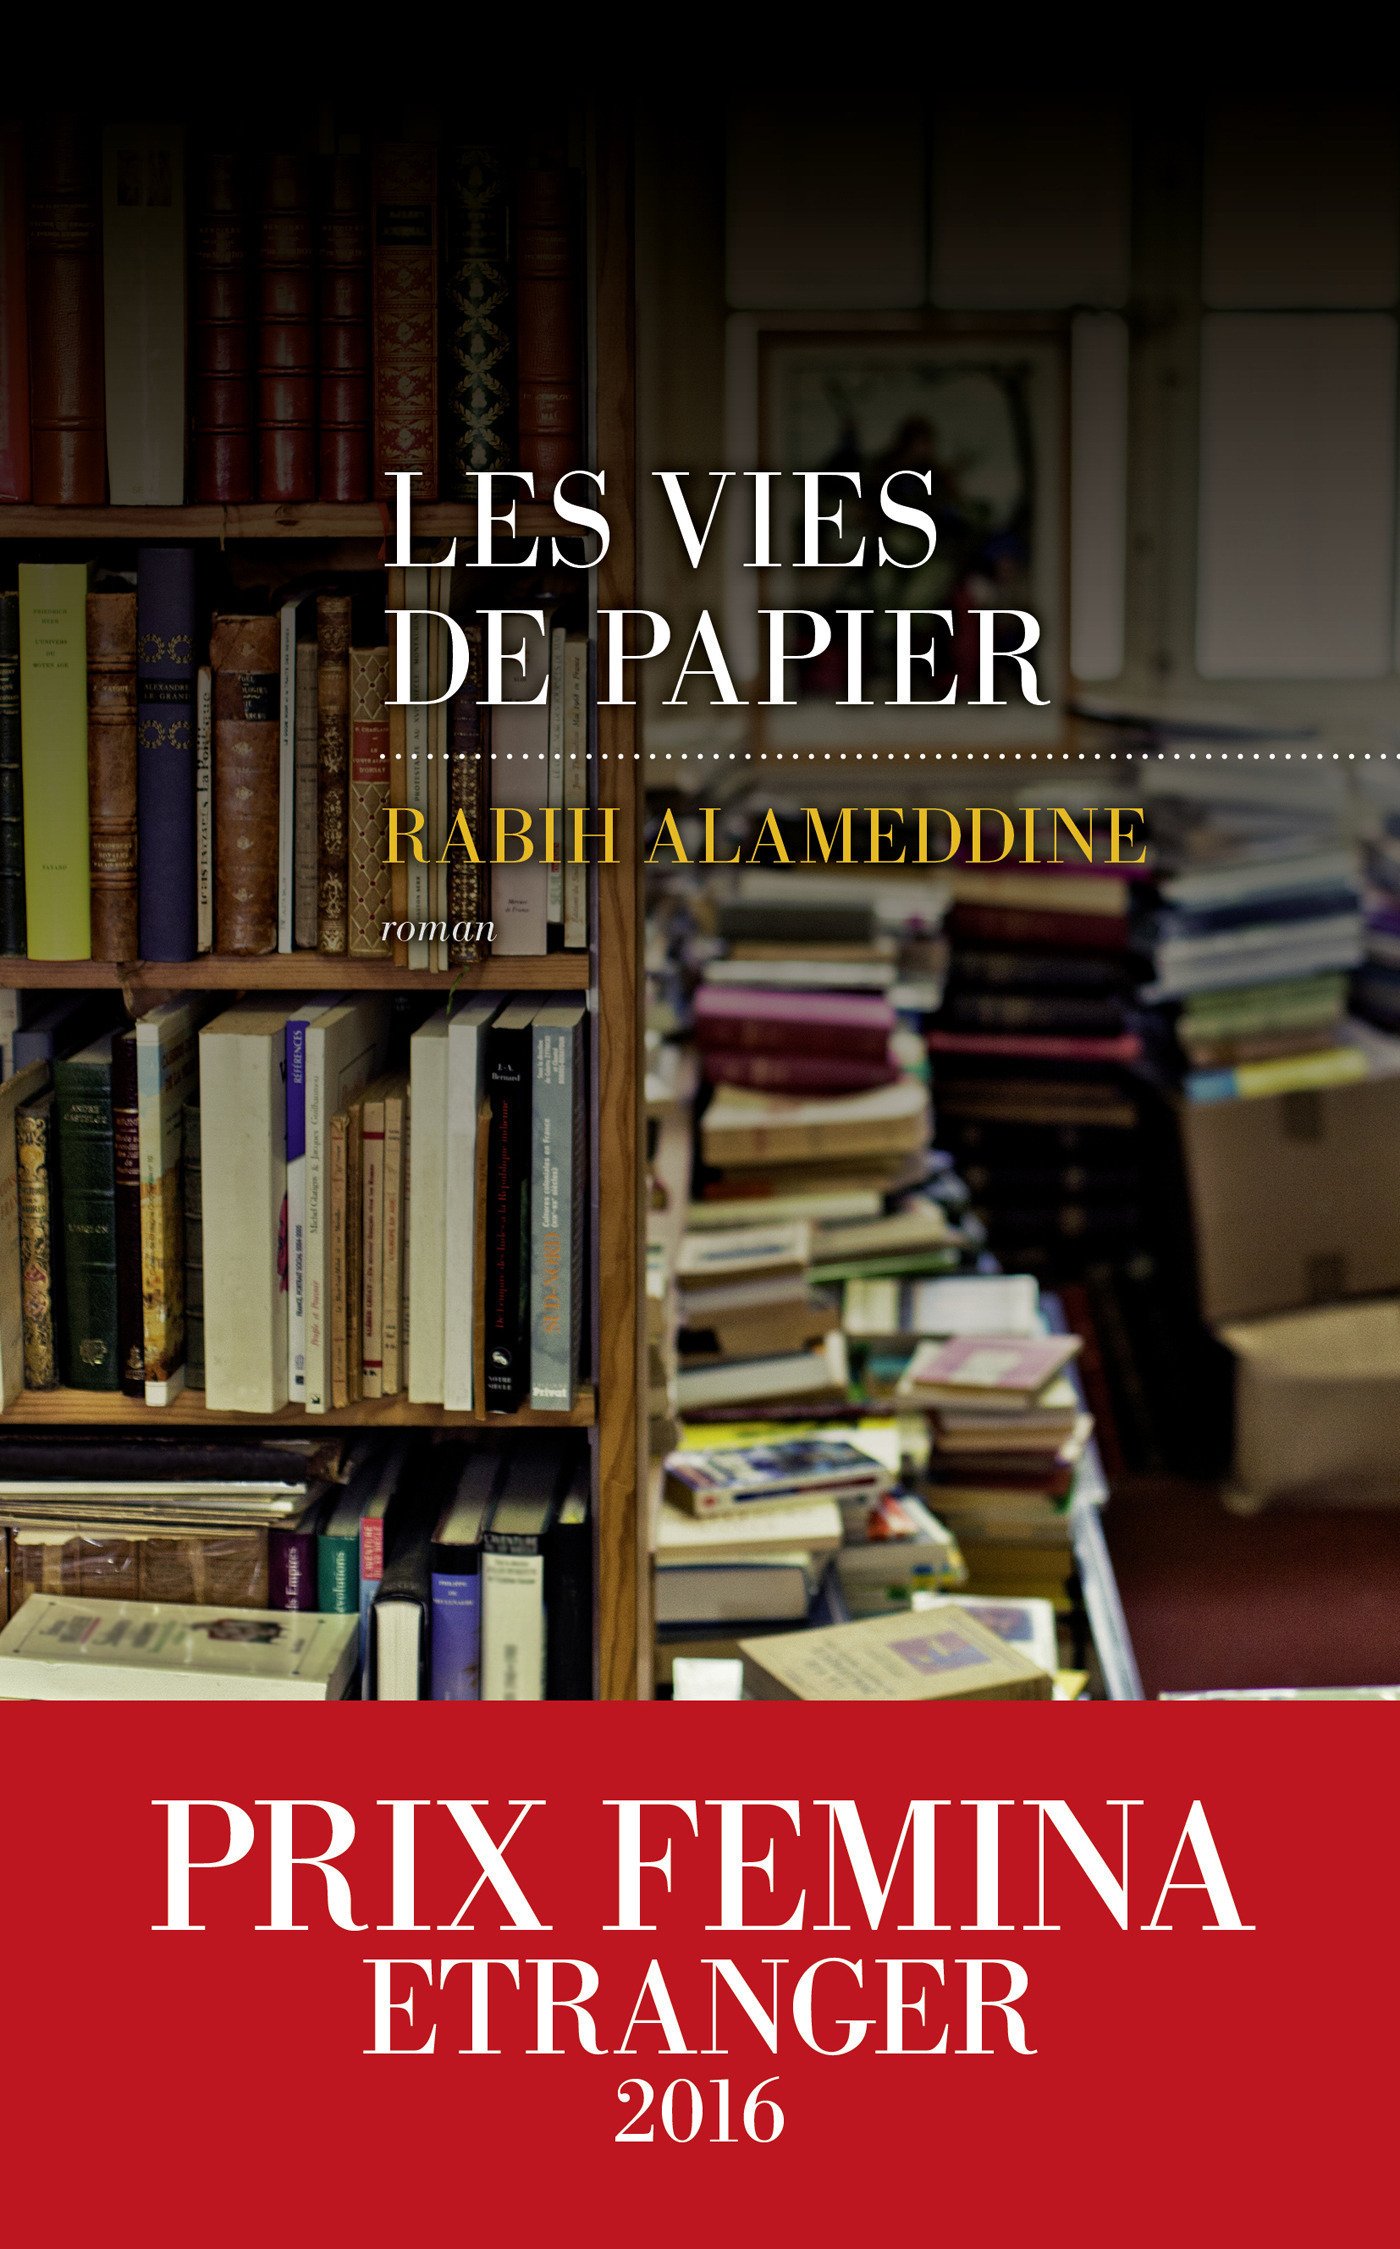 Les Vies de papier (ebook)